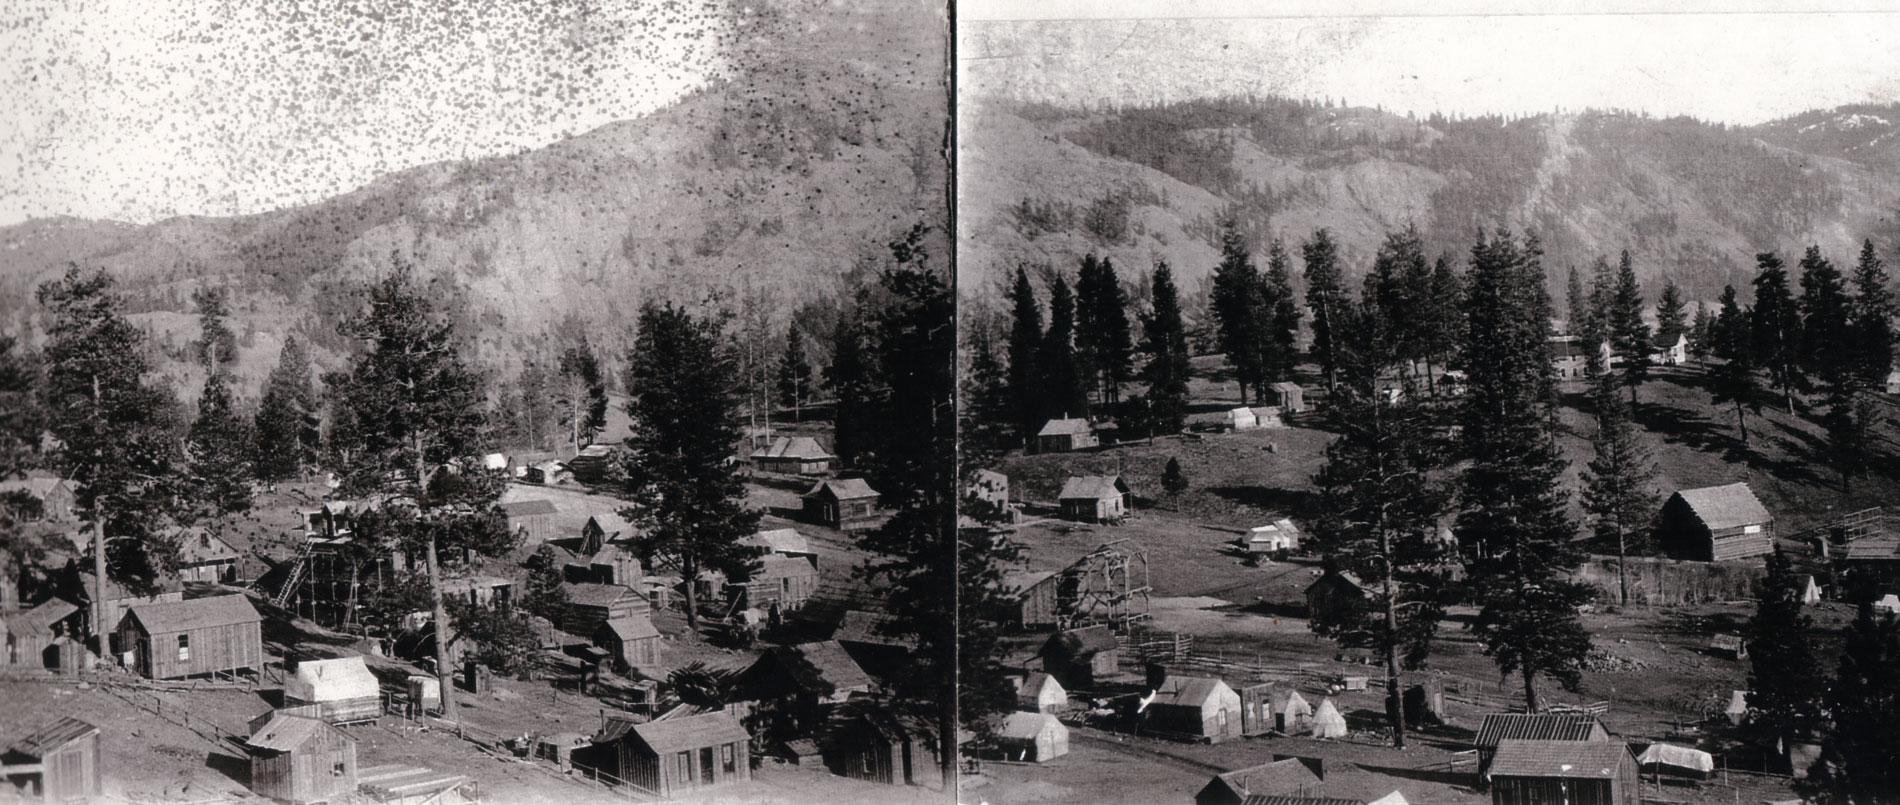 Spring 1899